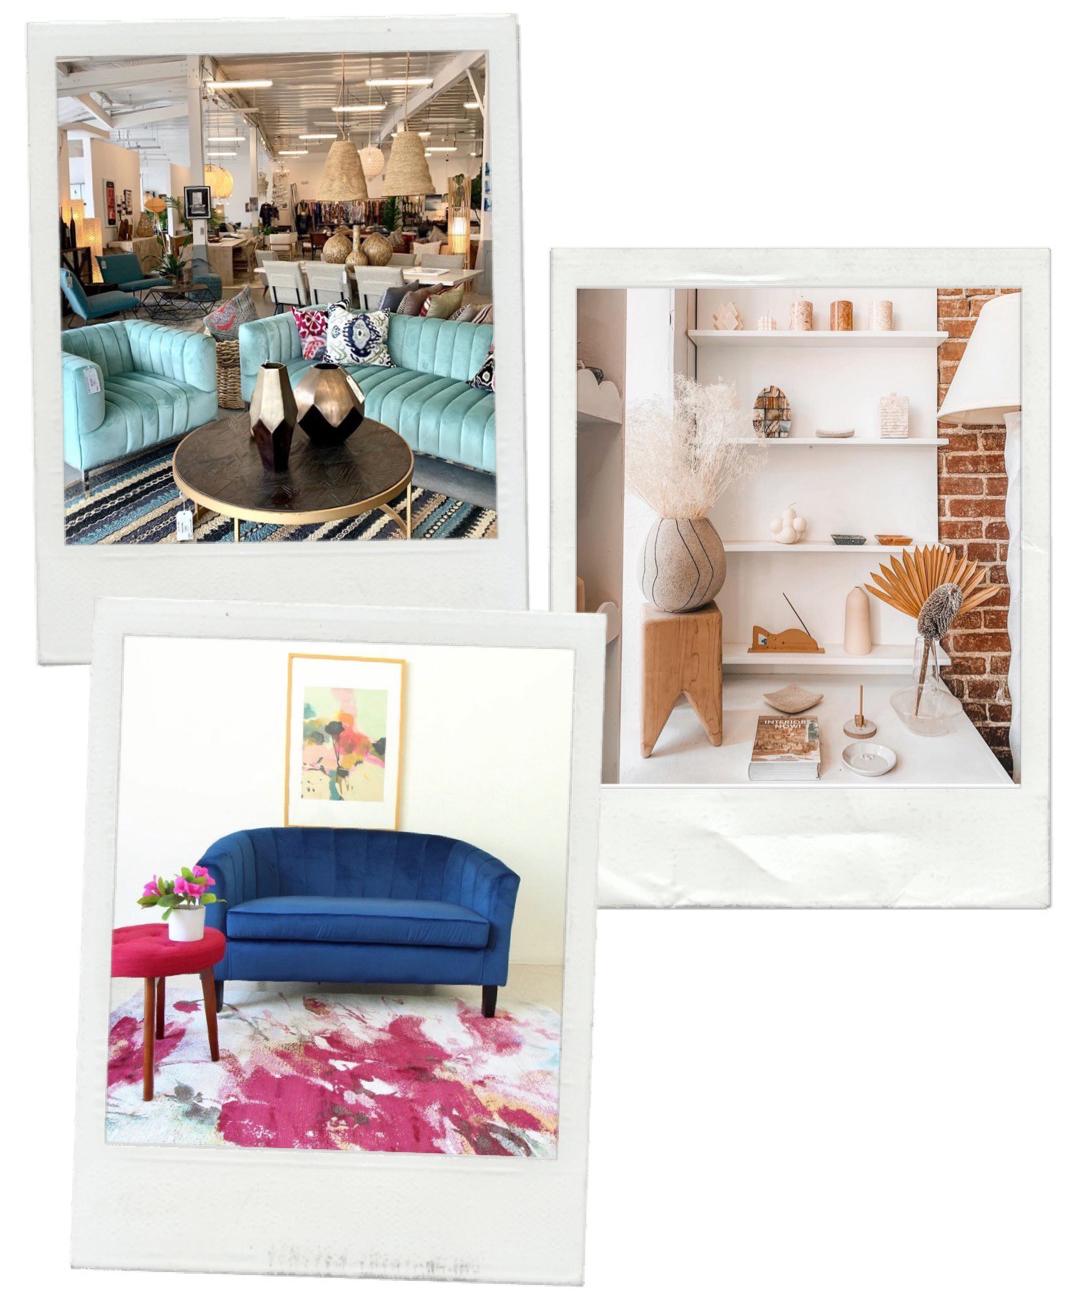 Los Angeles boutiques online